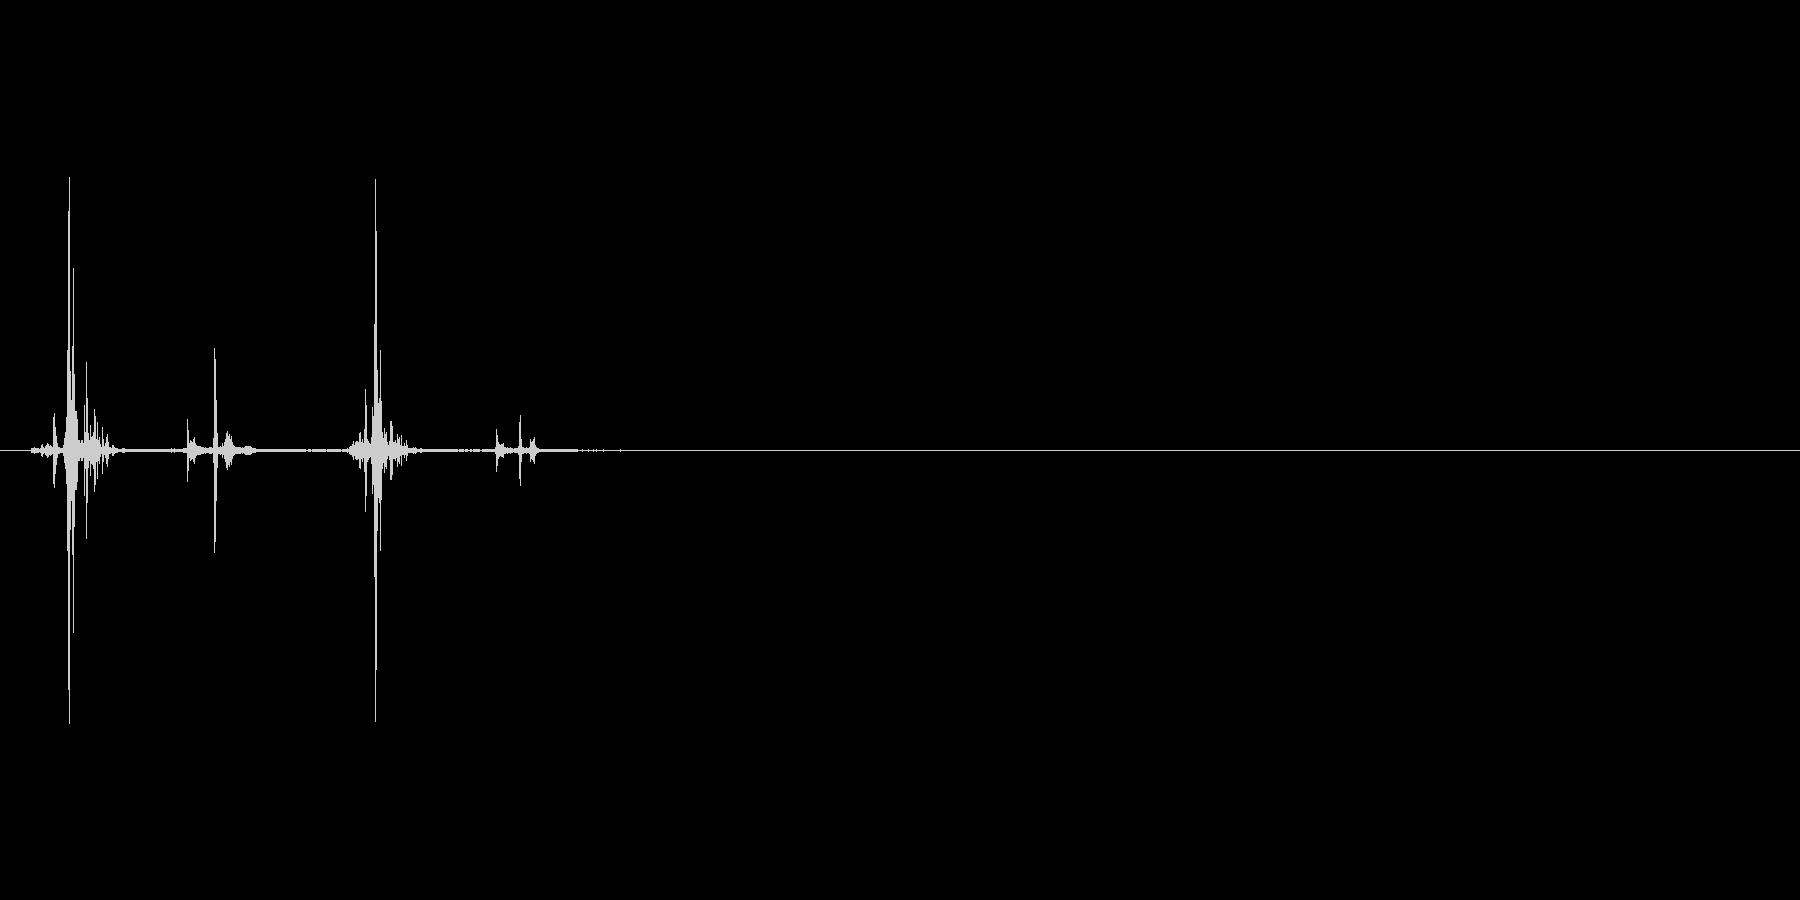 シャープペンを2回ノックする音の未再生の波形